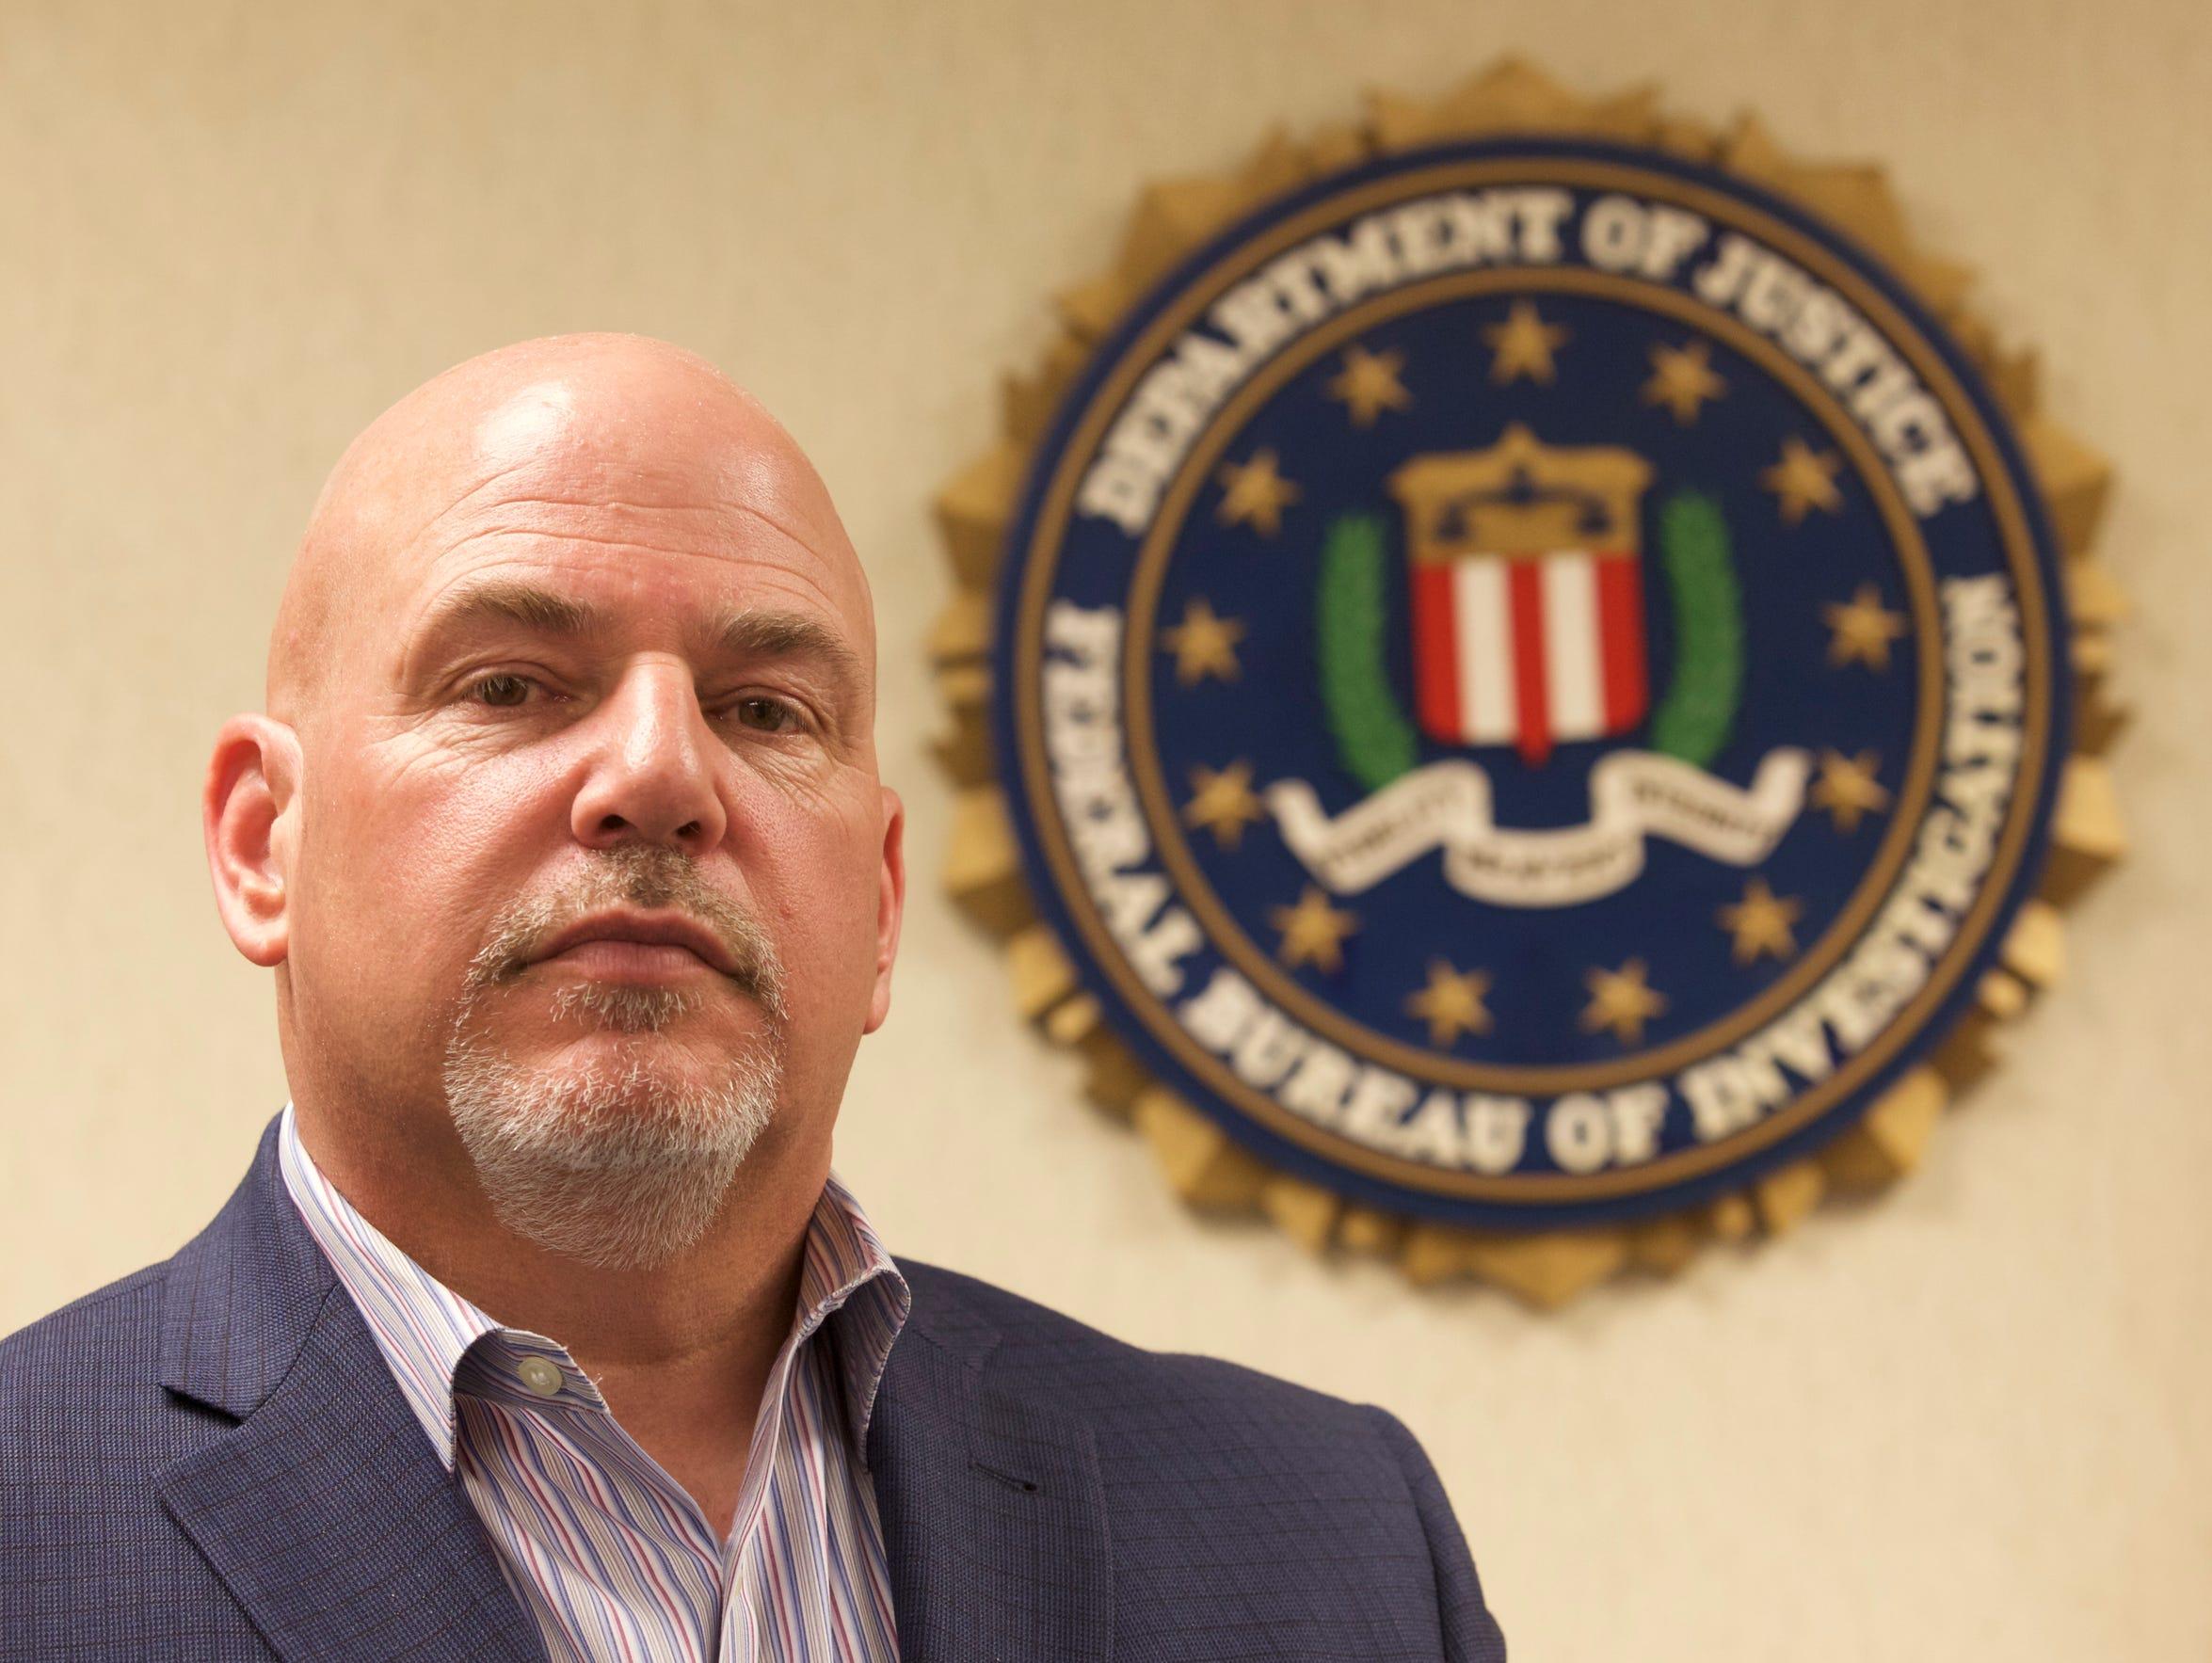 FBI Supervisory Special Agent Jim DiOrio said Spina's